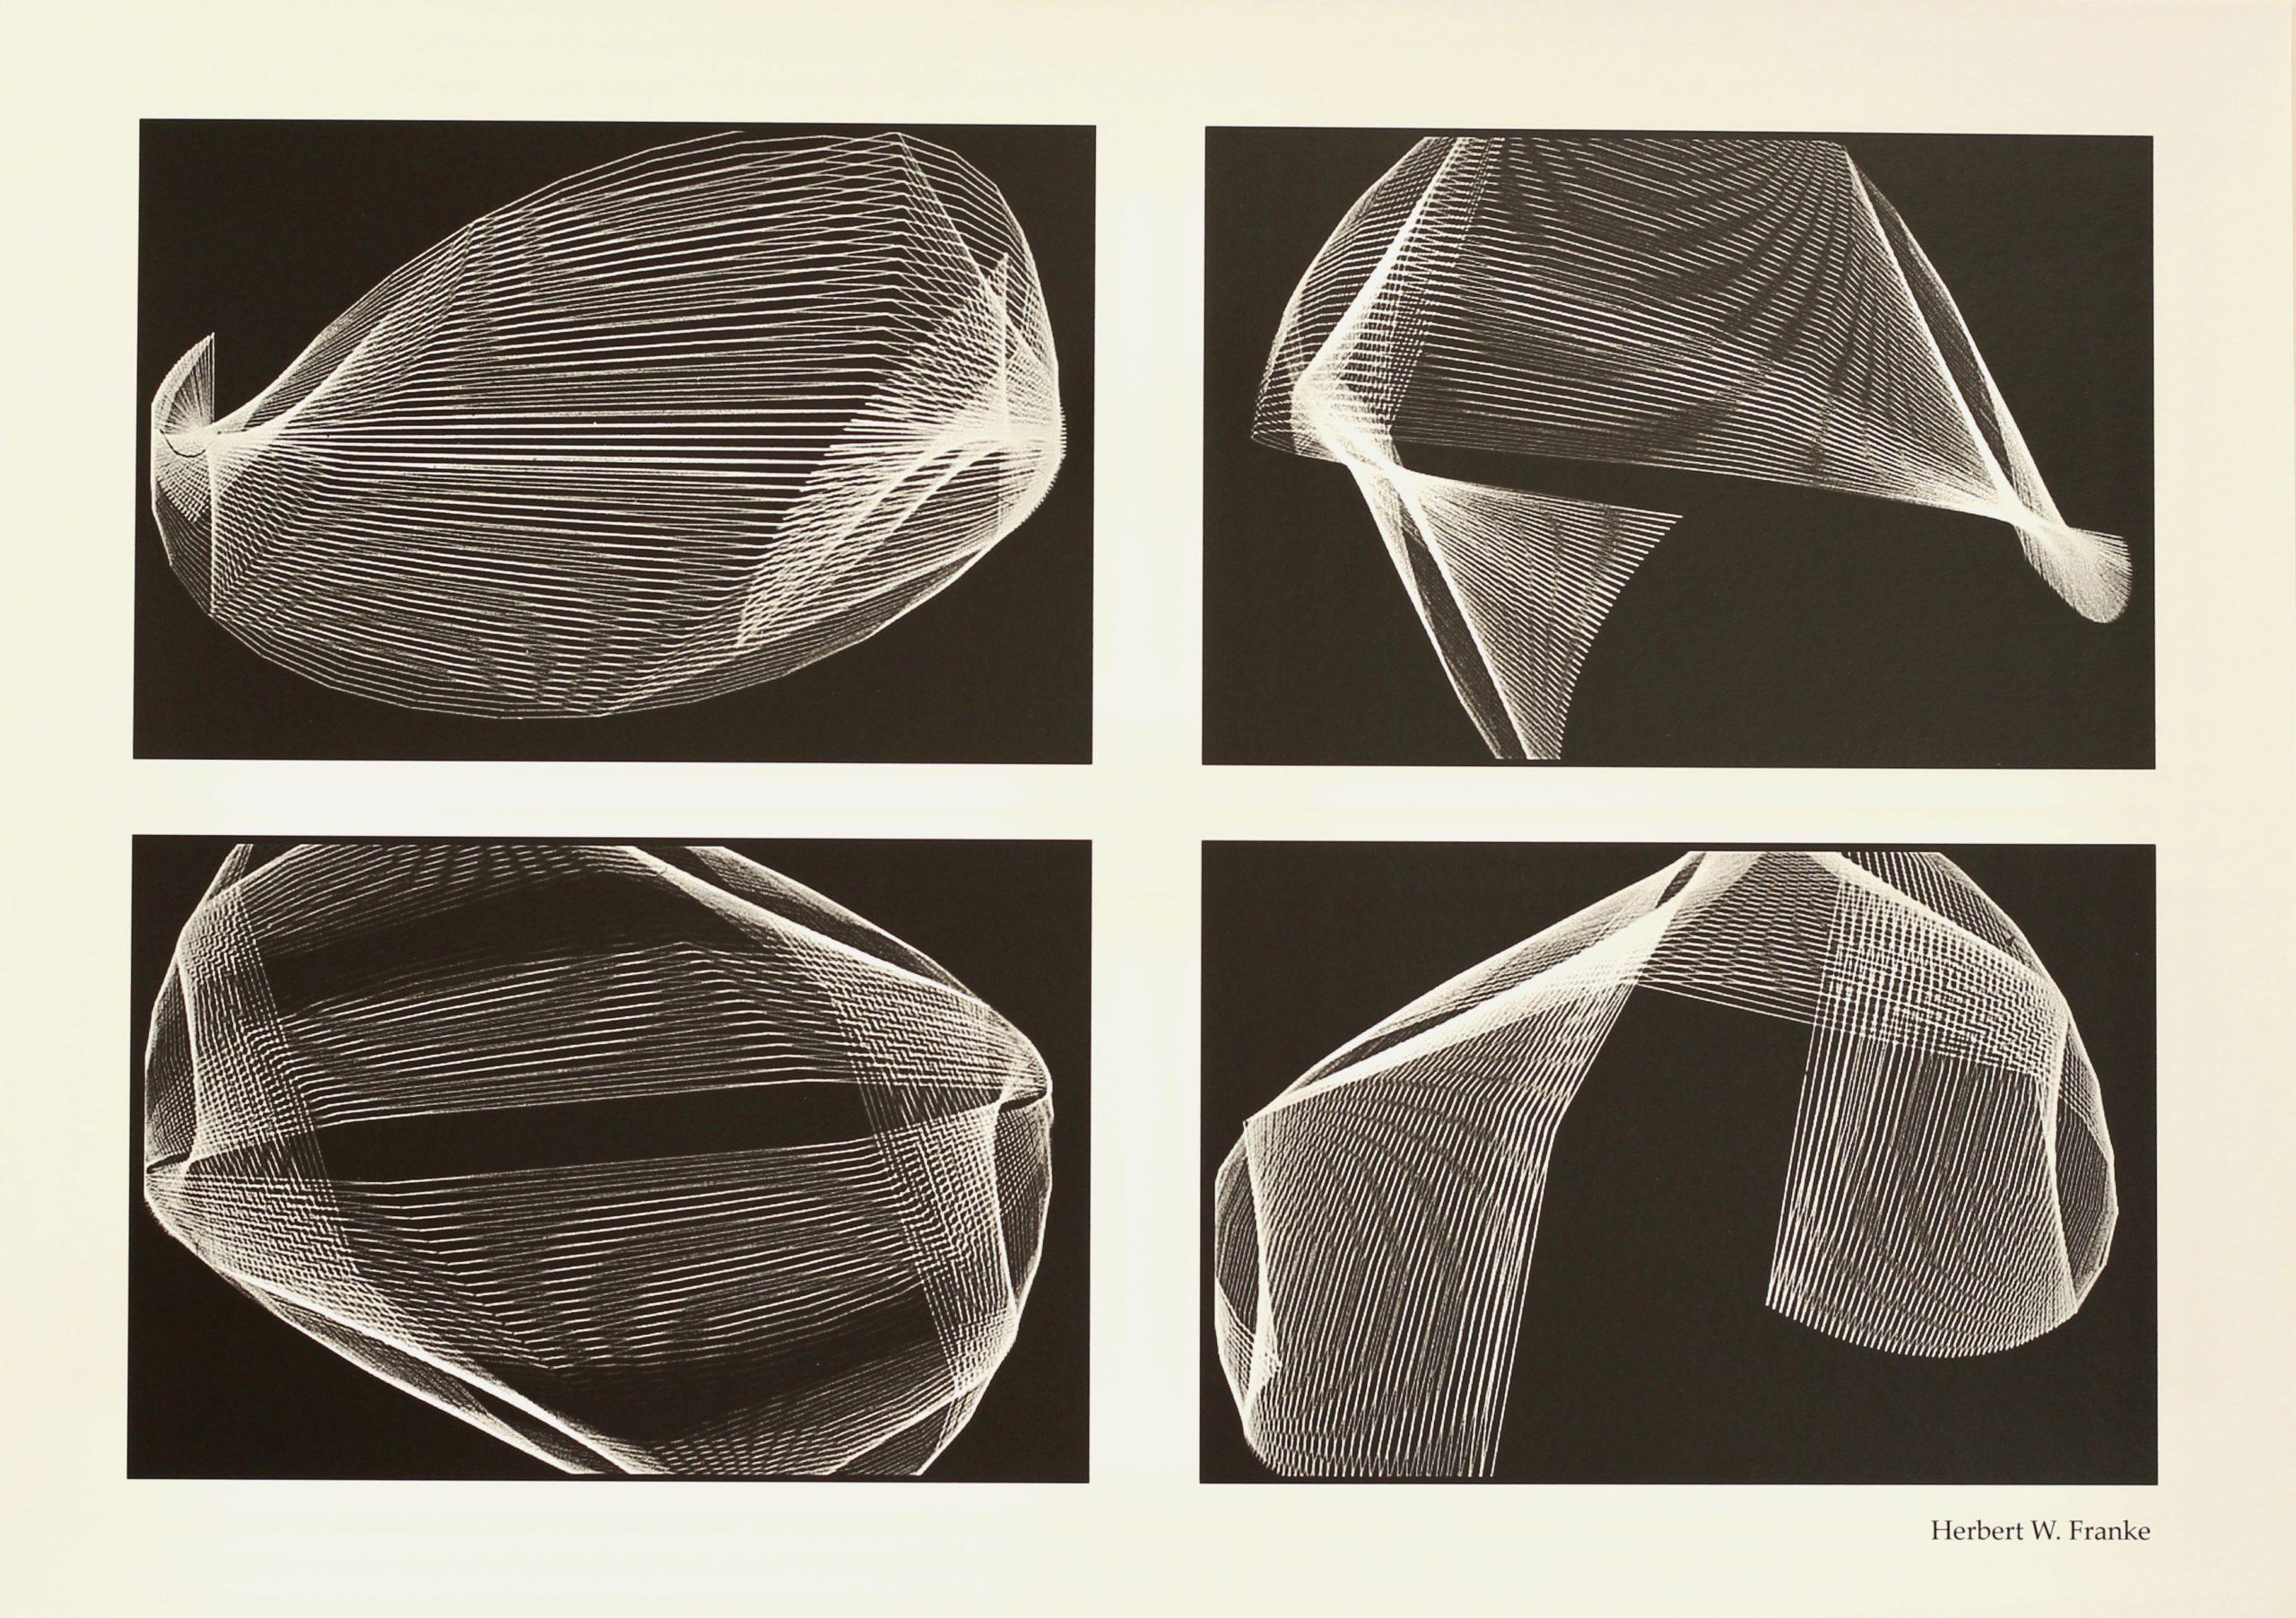 Herbert W. Franke, 4 Standbilder, Hahnemühle Kunstdruck, 29,6 x 42 cm, Auflage von 50, 1970/71